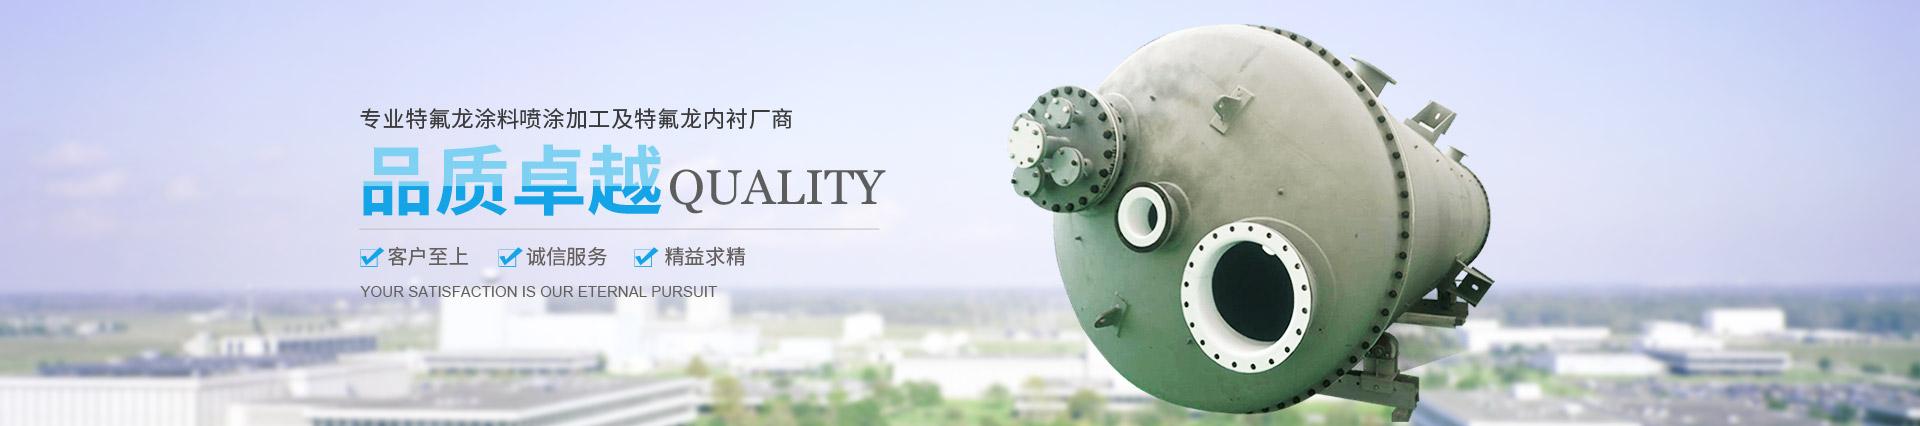 特氟龙处理_南通金洋防腐科技有限公司